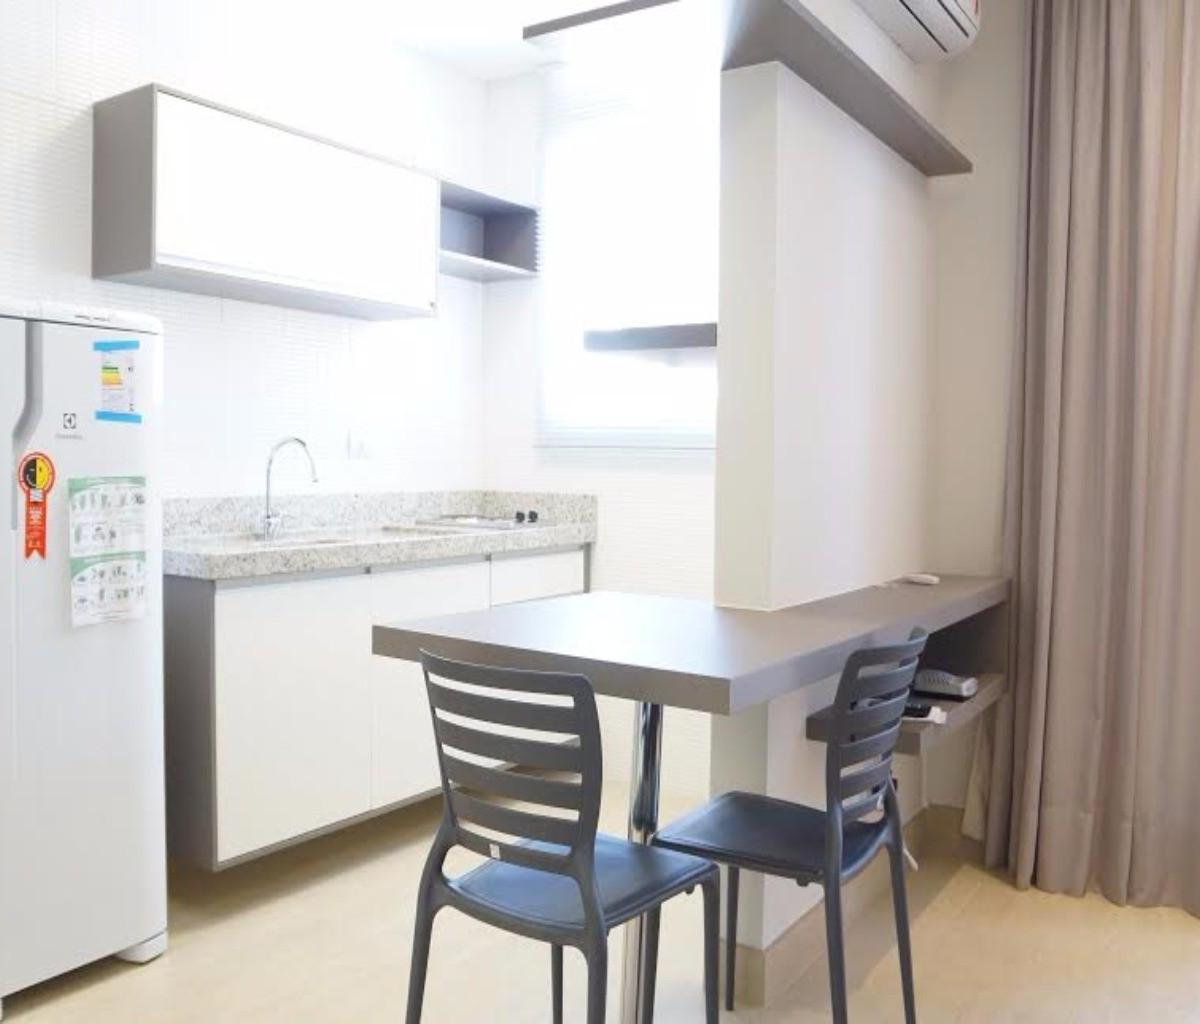 Apartamento para aluguel com 1 Quarto Alto da XV Curitiba R$ 1.550  #436A88 1200x1024 Banheiro De Apartamento Tipo Studio